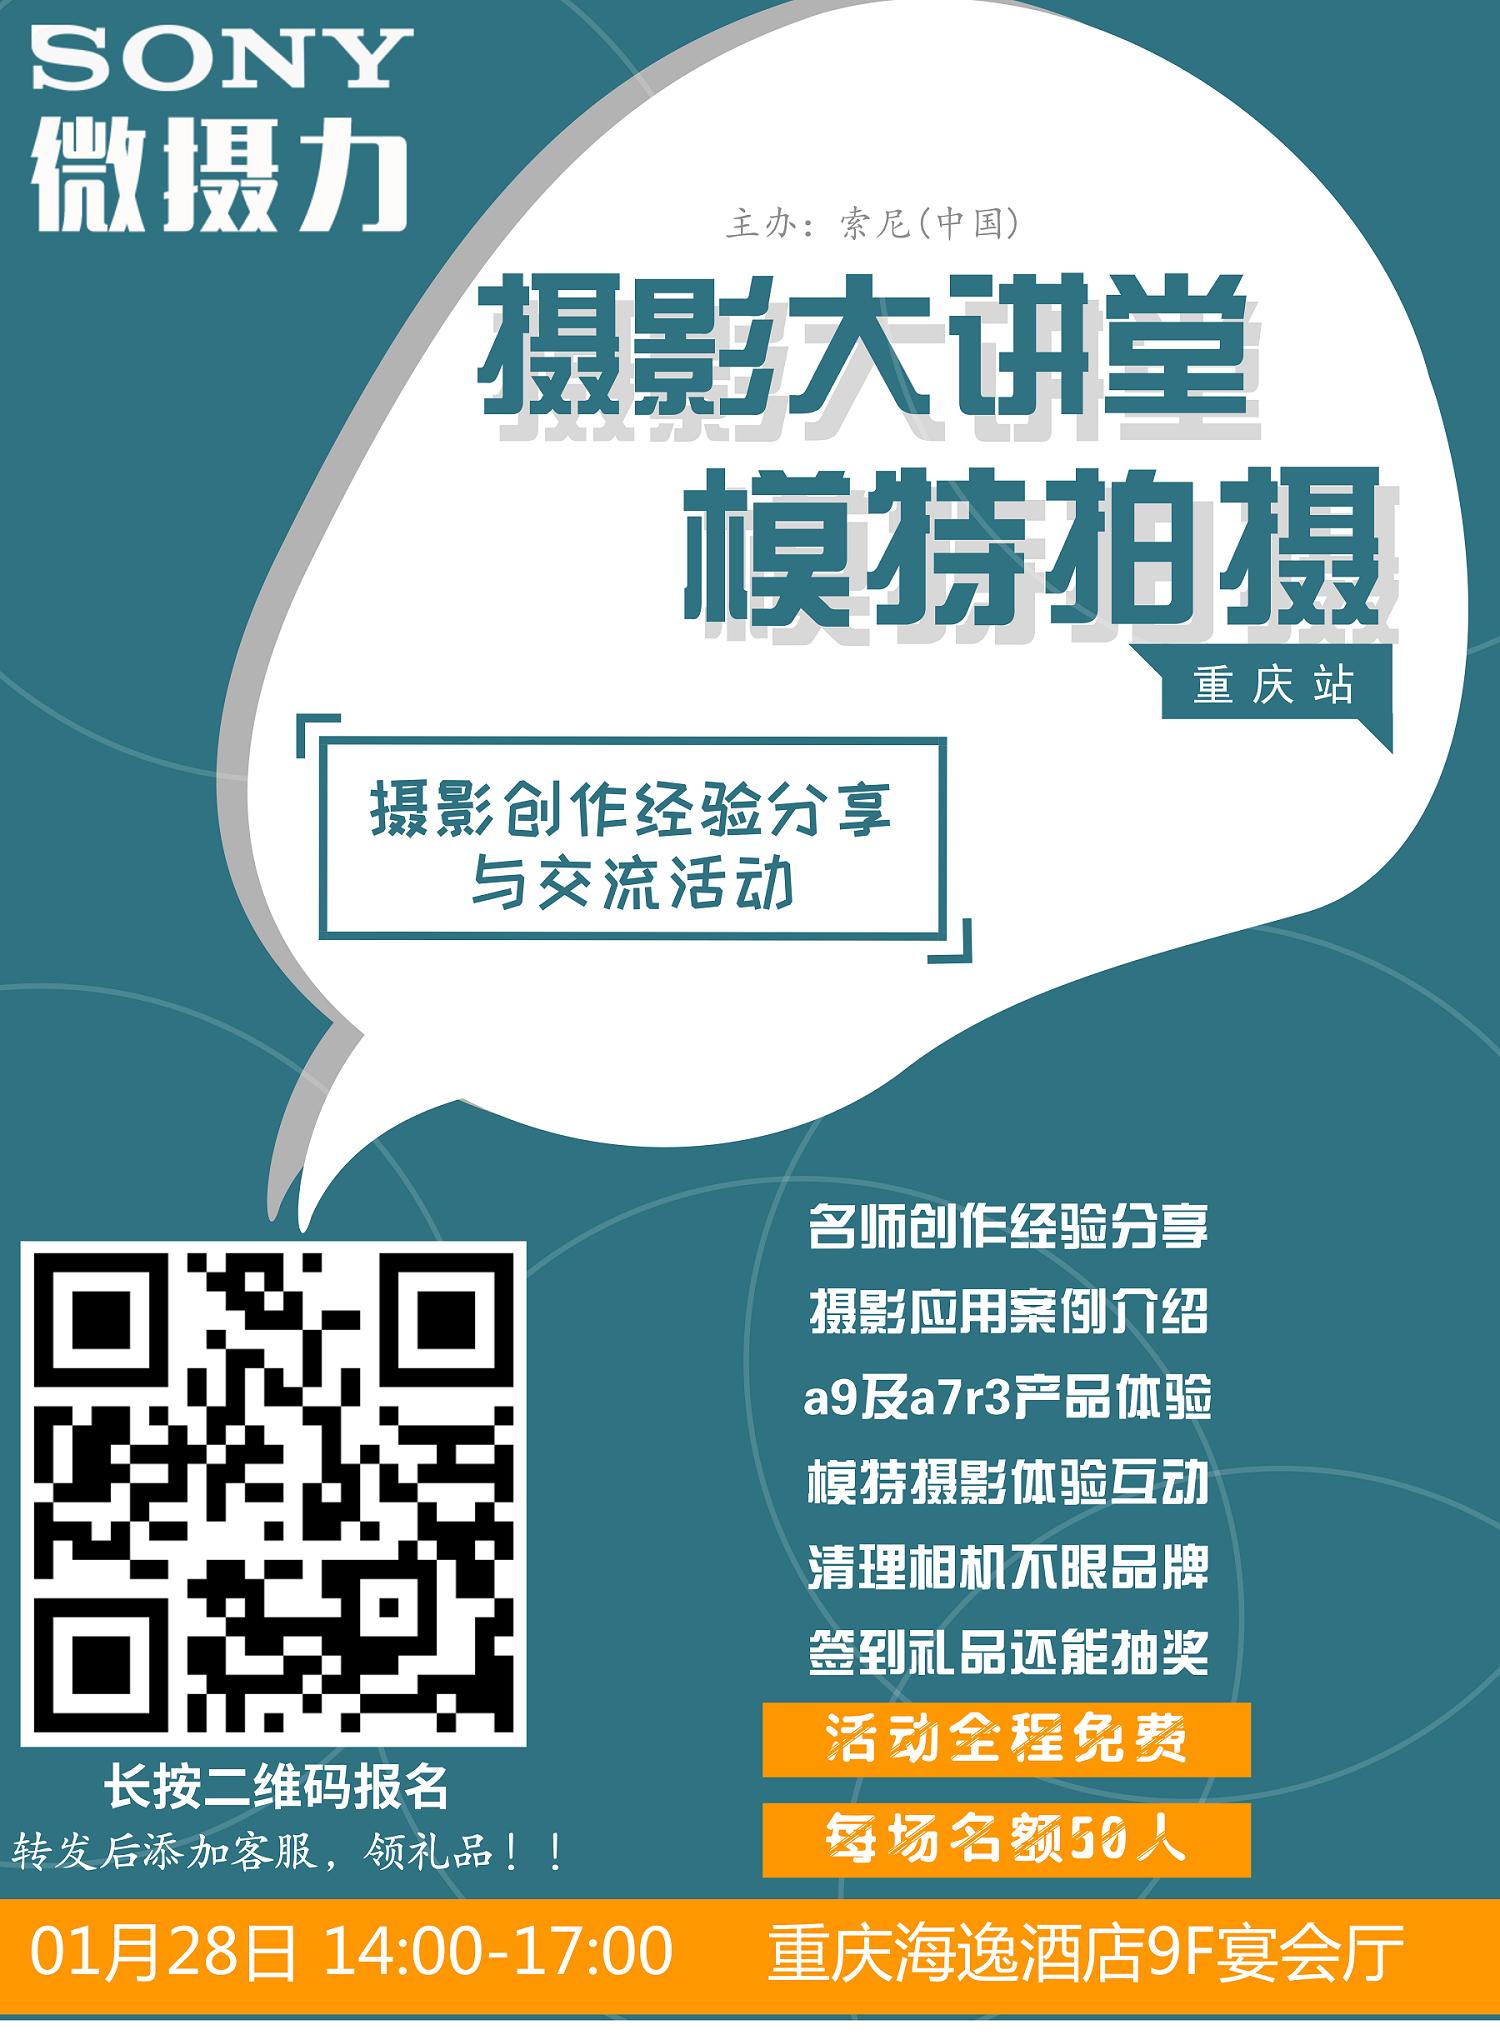 索尼微摄力全国体验重庆站马上开始喽